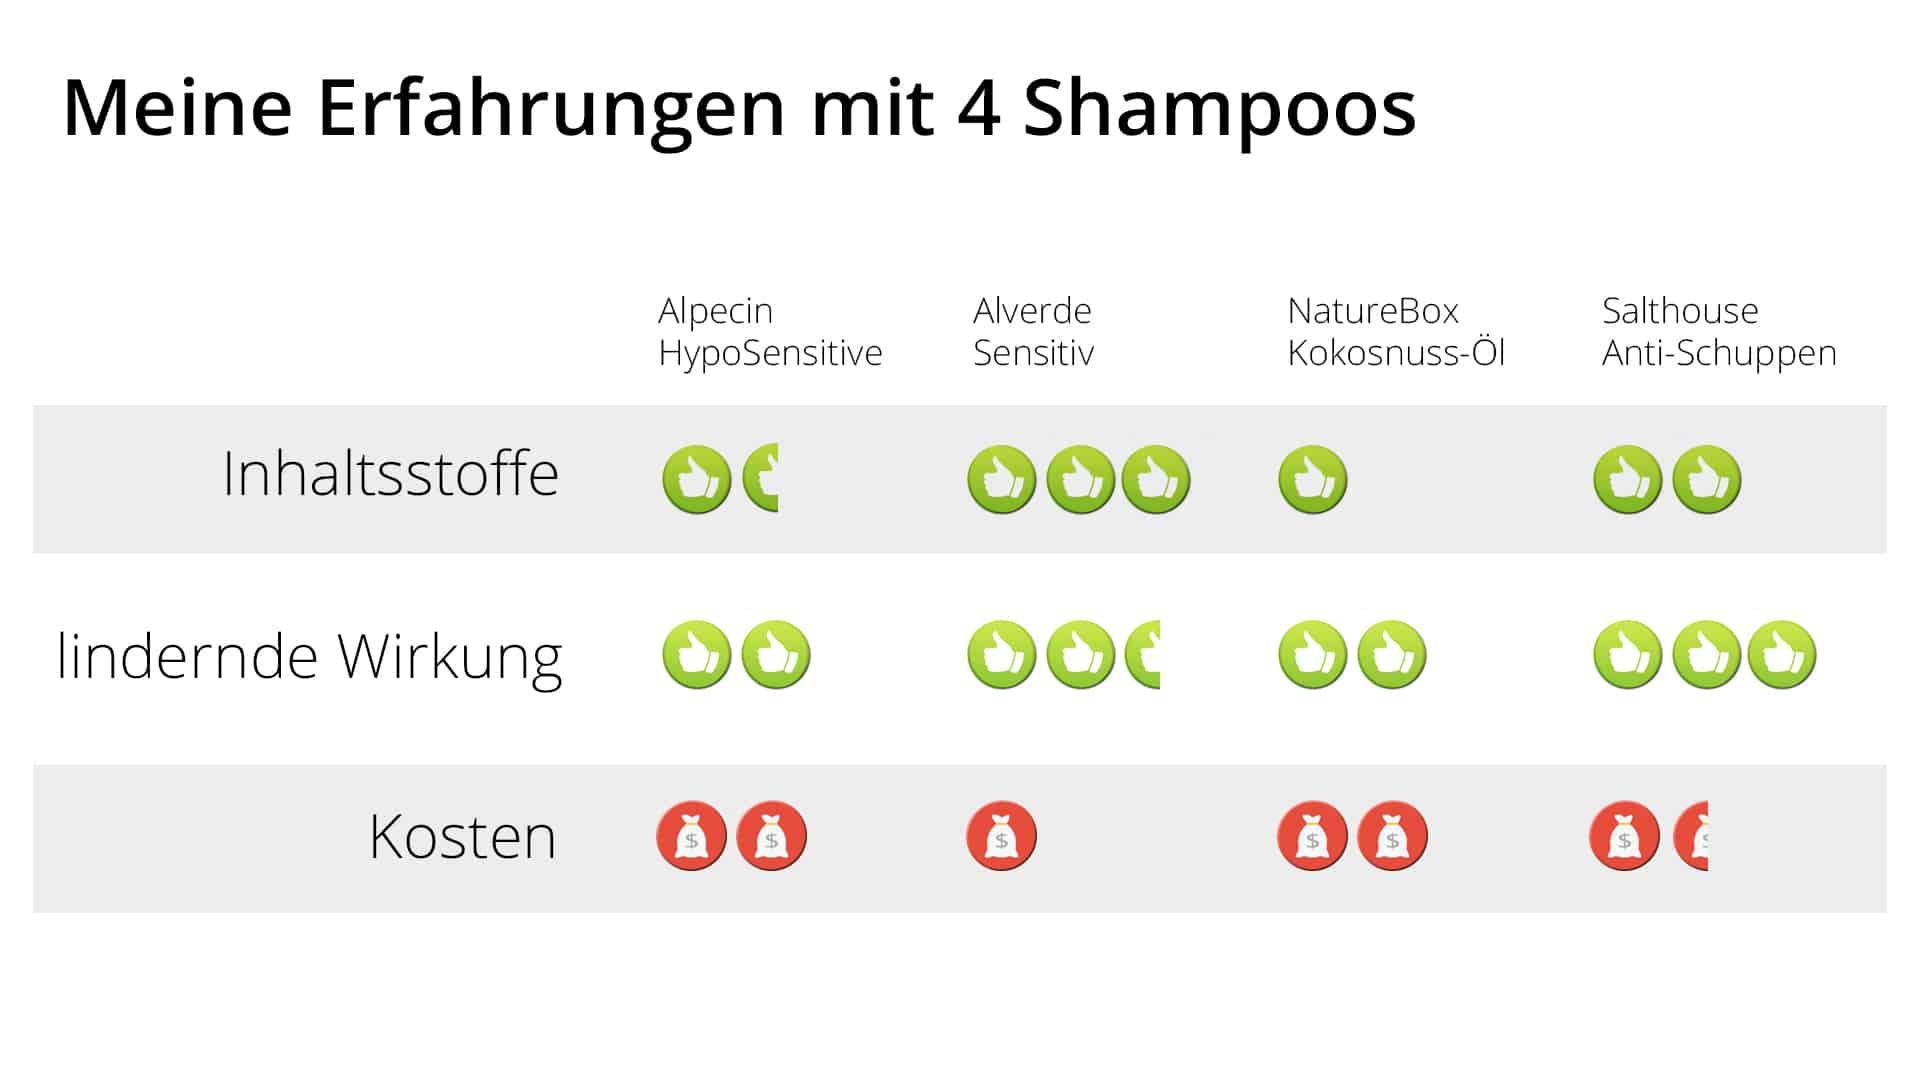 Haarausfall Shampoo Vergleich